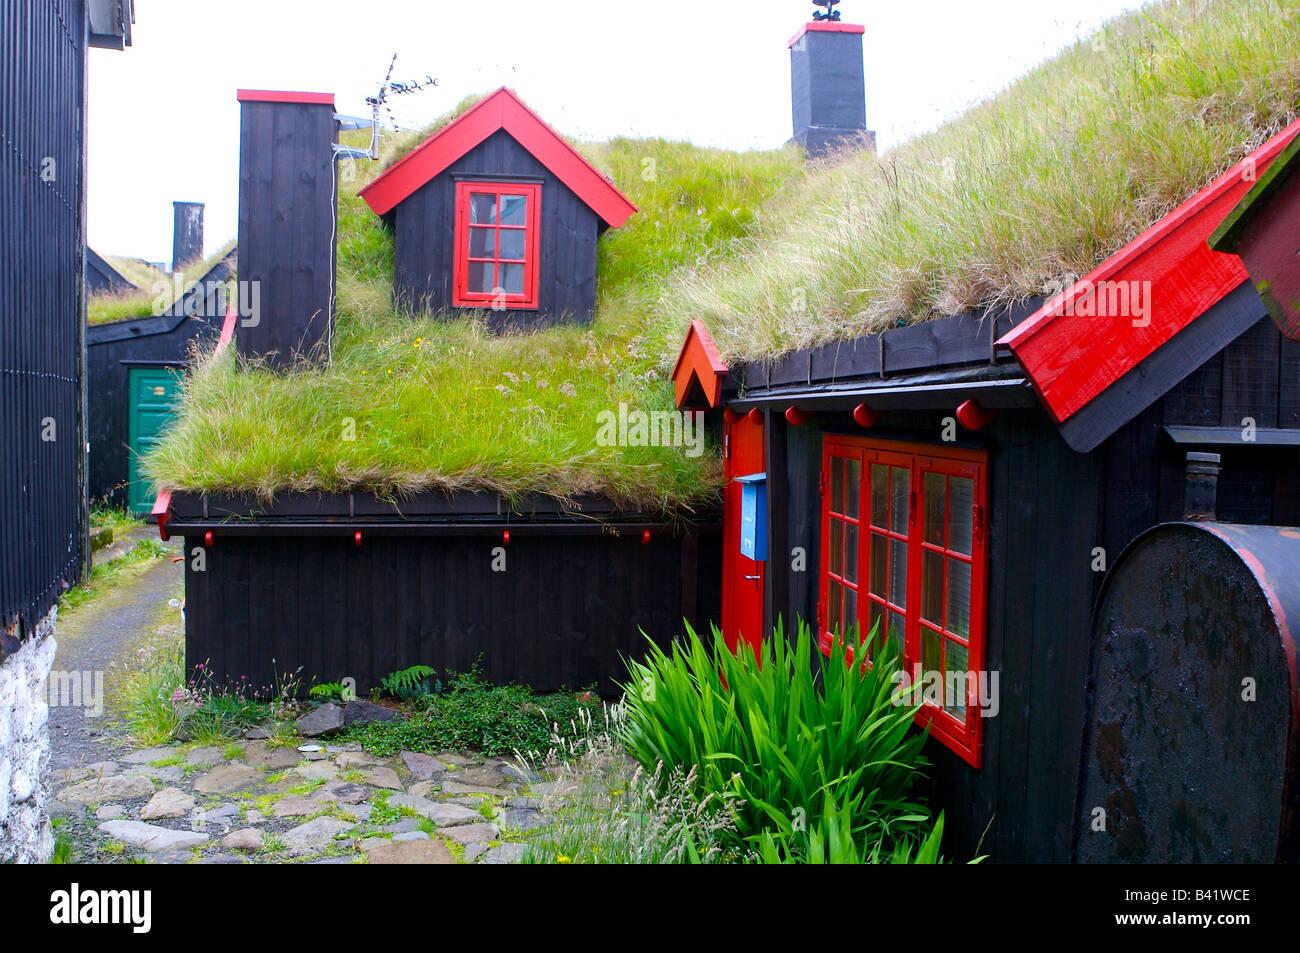 L'isolation de la toiture, chalet toop sous la forme d'herbe et le gazon - Iles Feroe Photo Stock